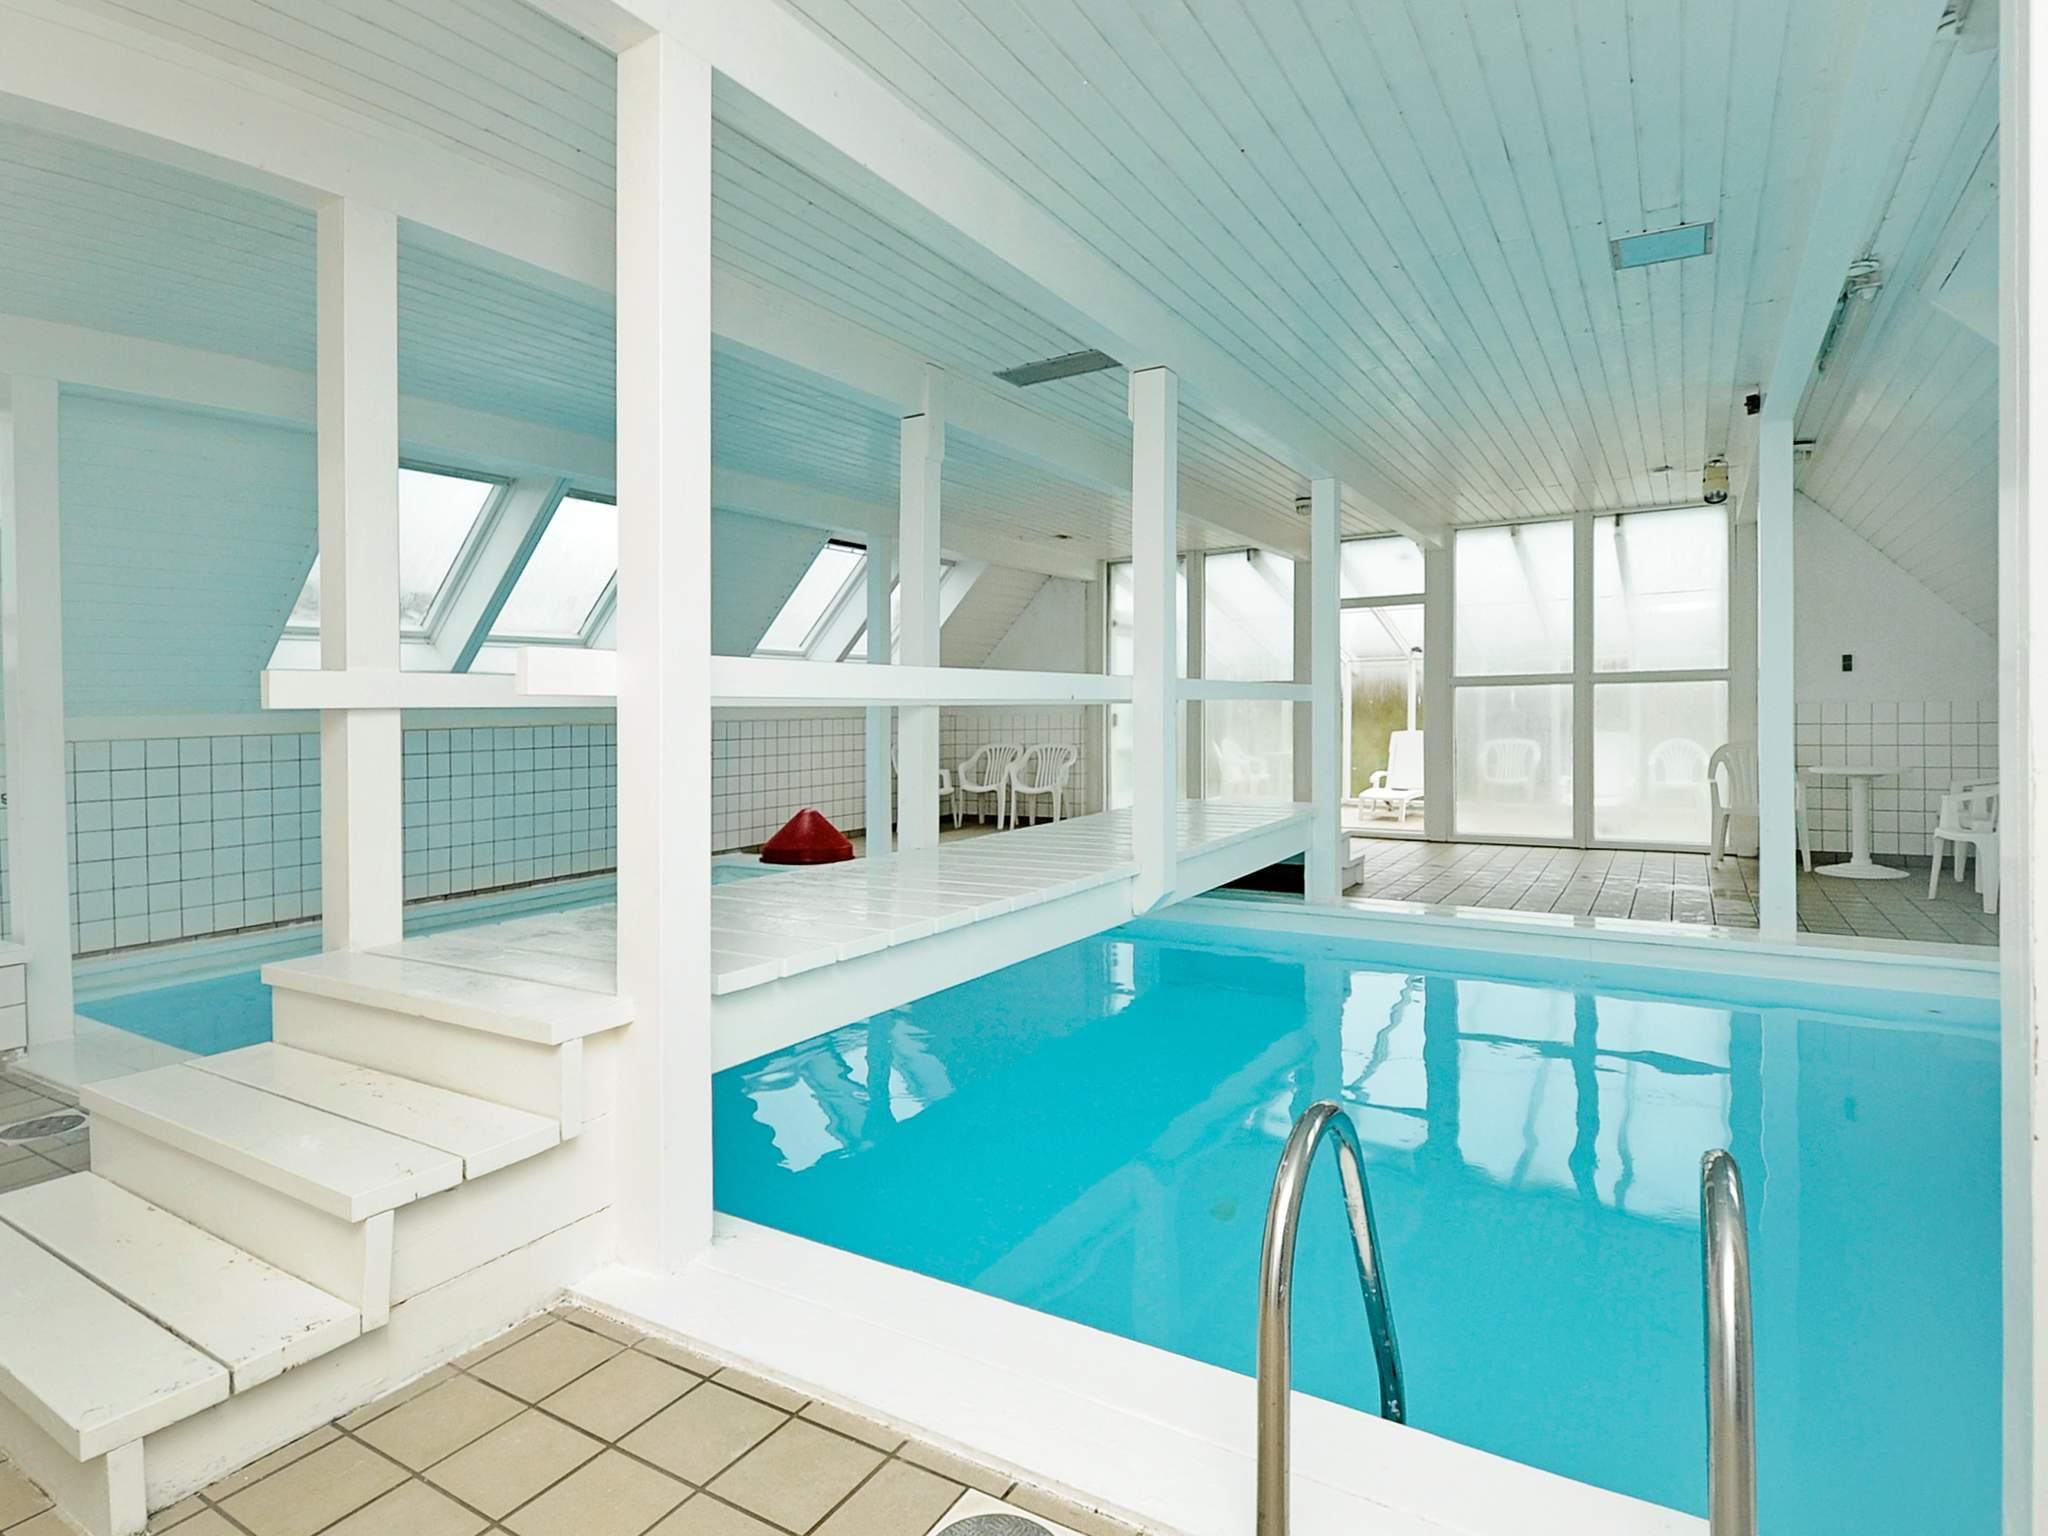 Ferienhaus Fjaltring Ferieby (88880), Fjaltring, , Limfjord, Dänemark, Bild 5